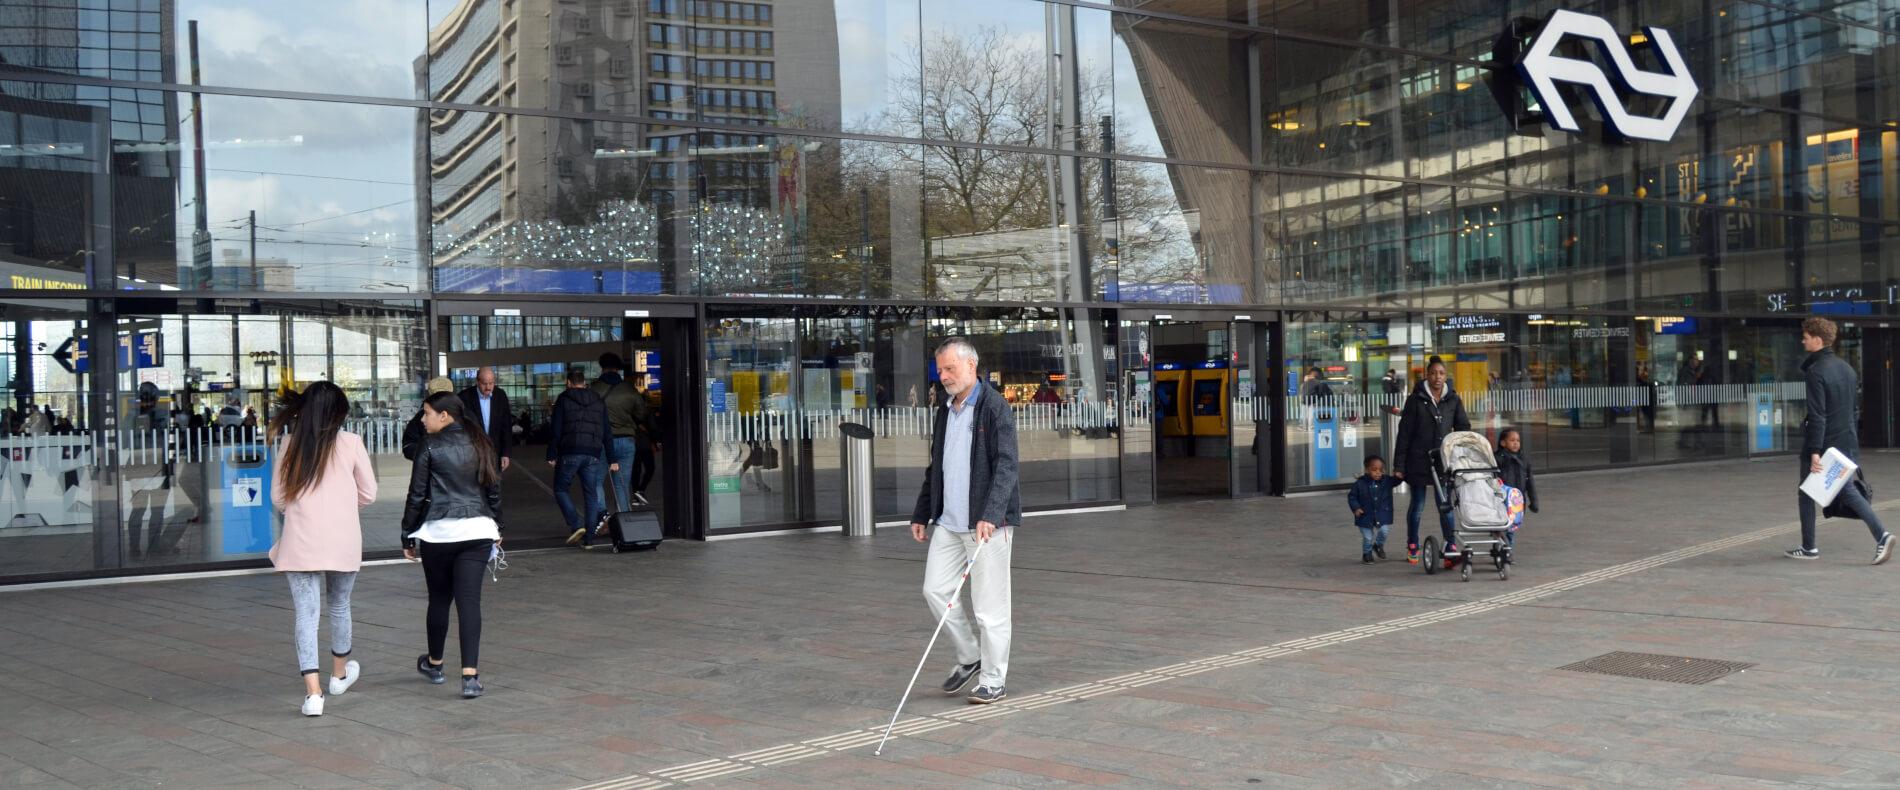 VGR adviseerde de aanleg van een samenhangend geleidesysteem voor mensen met een visuele beperking dat alle vervoersvormen -trein, metro, tram, bus en taxi- rond het Rotterdamse Centraal Station bereikbaar en toegankelijk maakt.